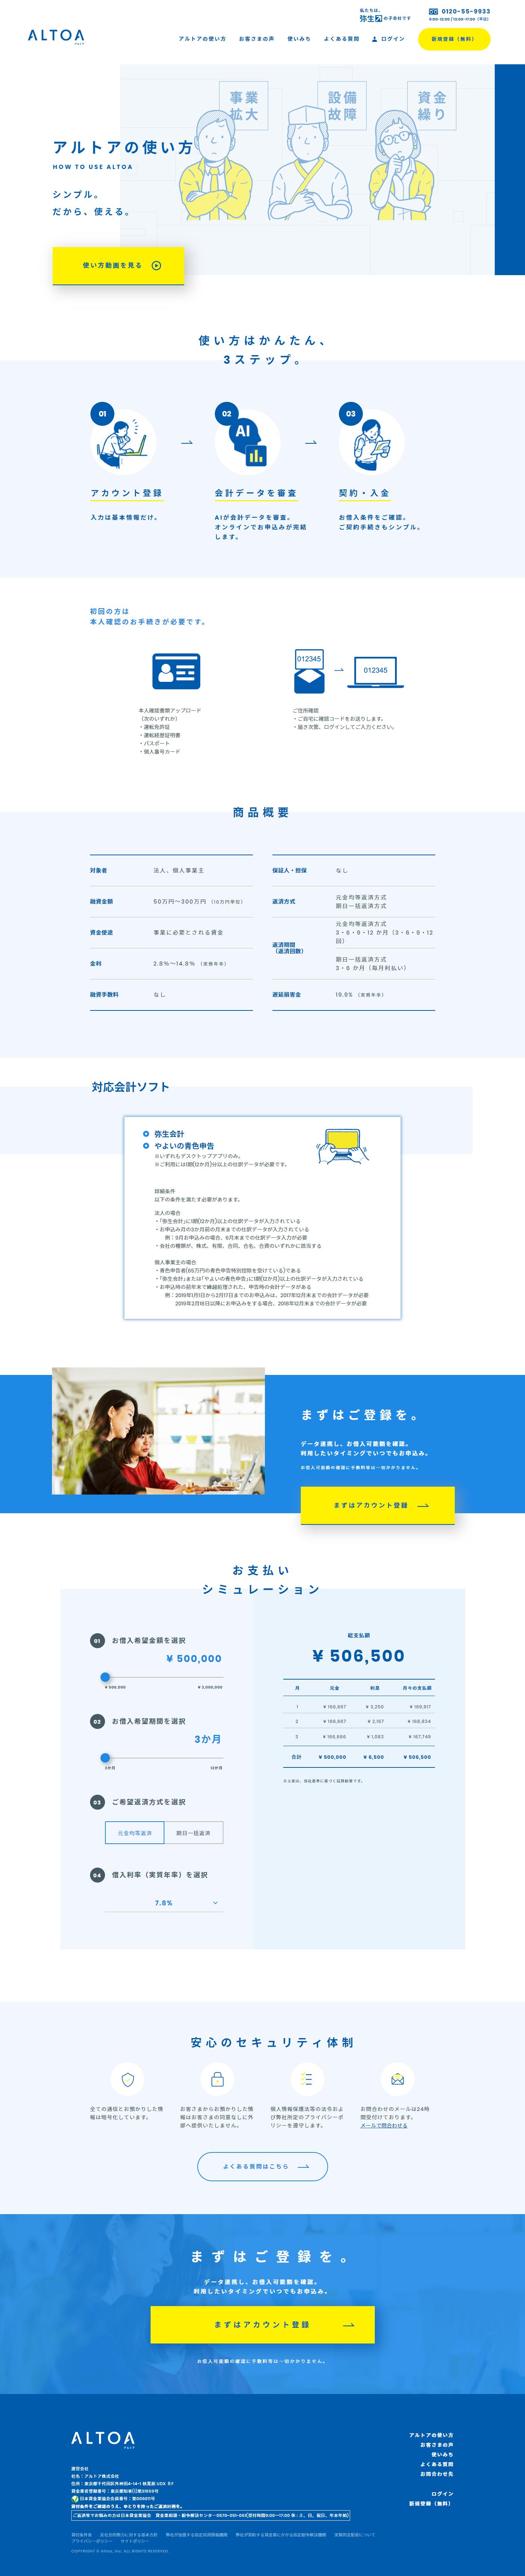 Webdesign おしゃれまとめの人気アイデア Pinterest Lemon ウェブデザイン Lp デザイン ウェブレイアウト